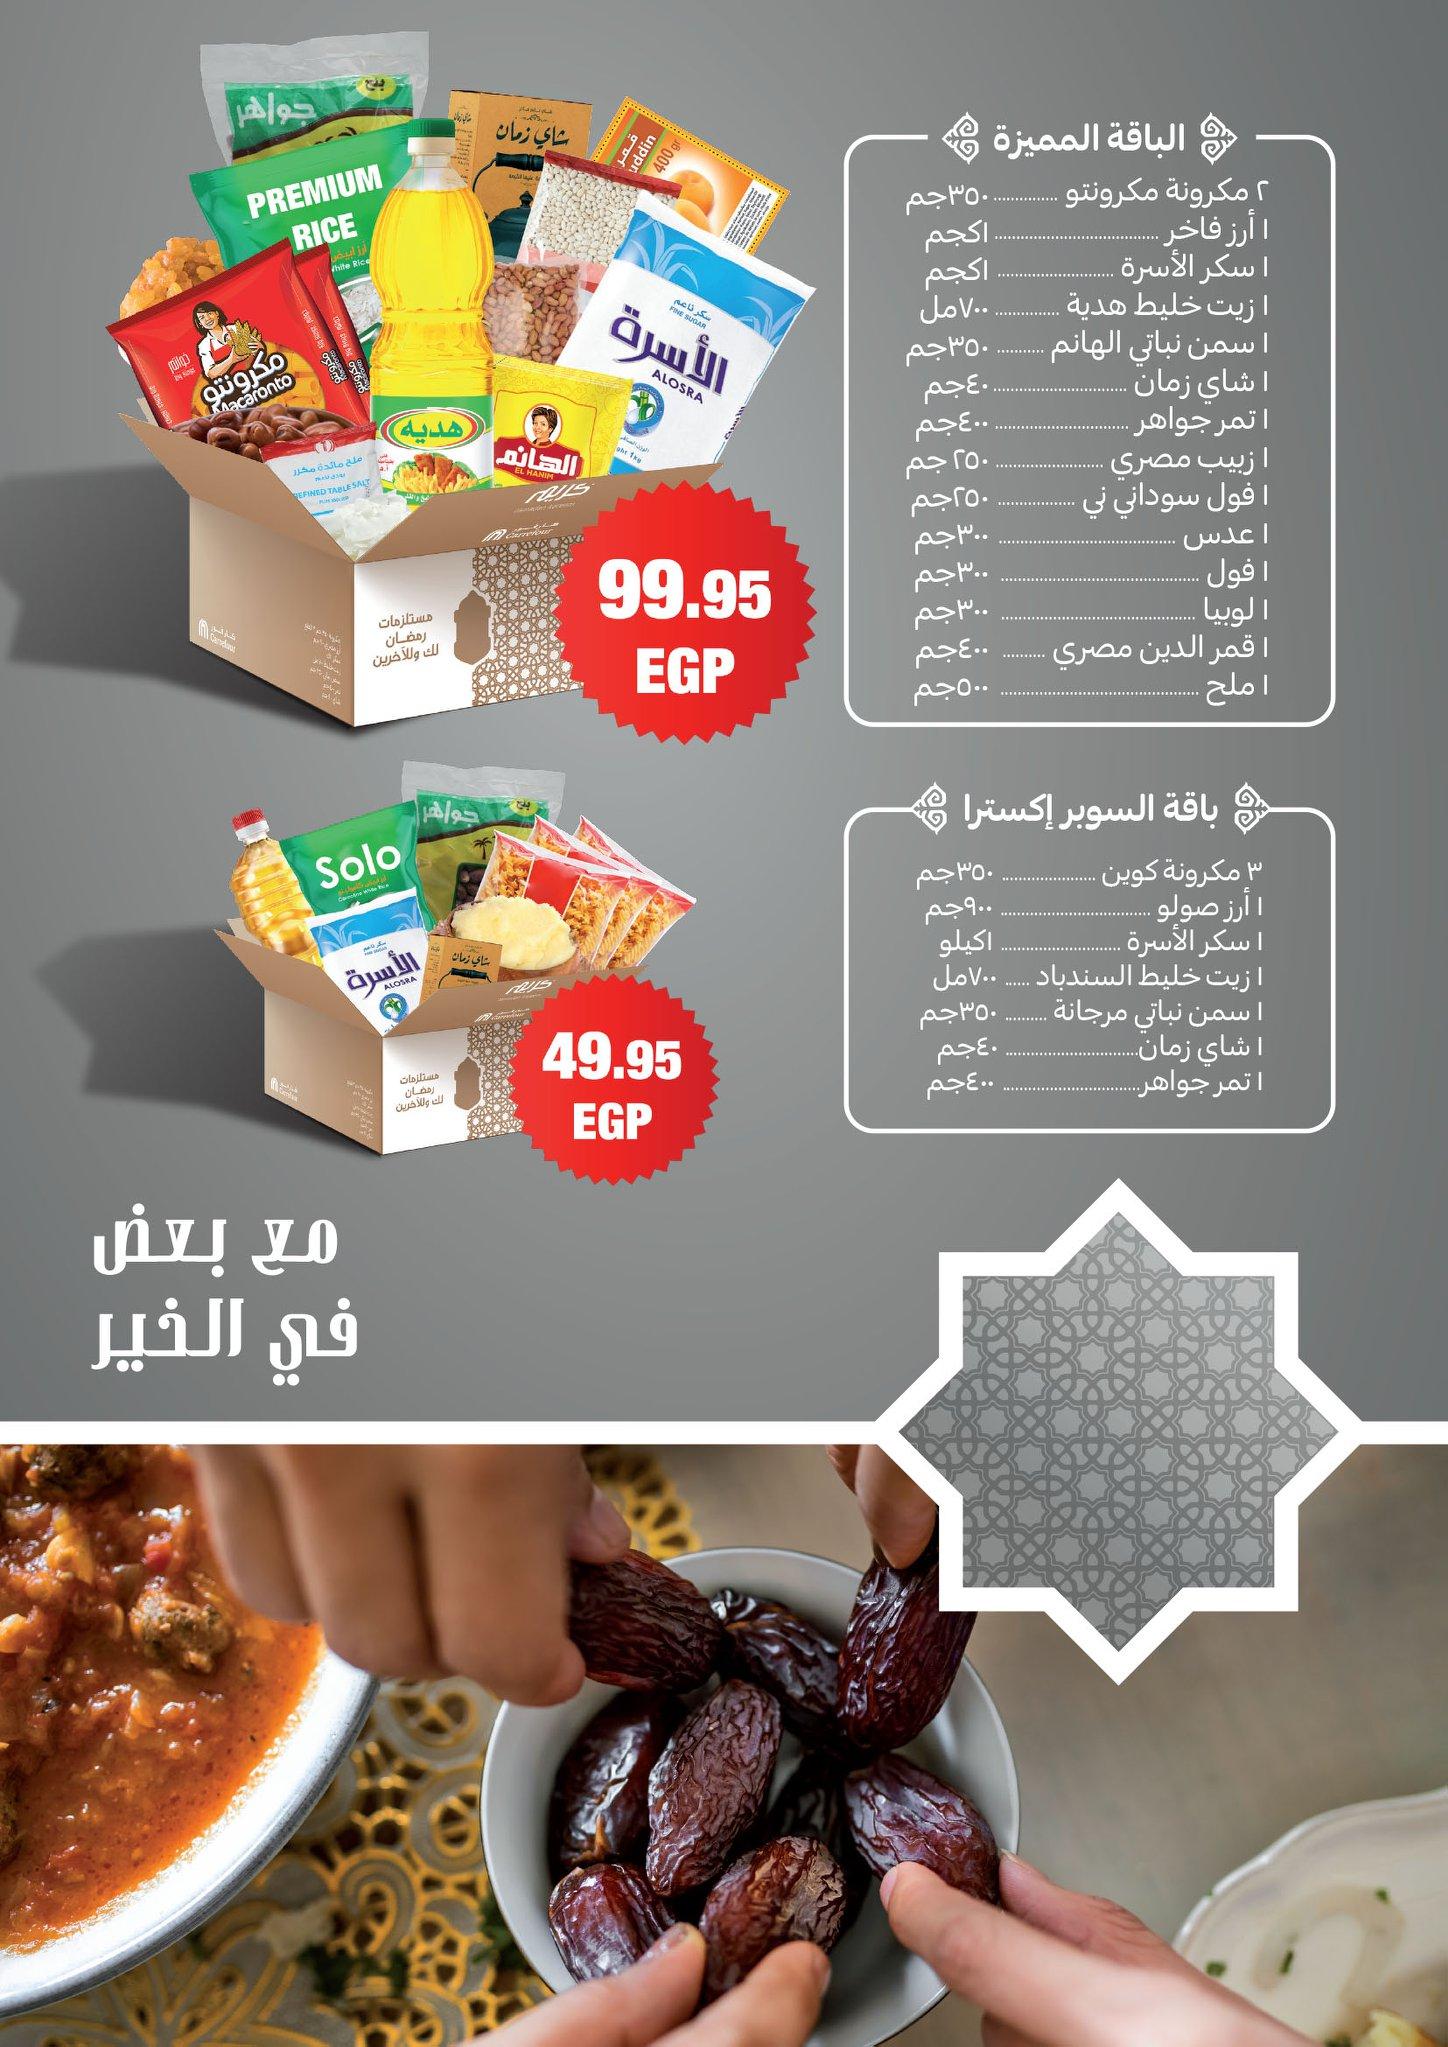 عروض كارفور لشهر رمضان 2021 وخصومات مميزة على ياميش رمضان 14